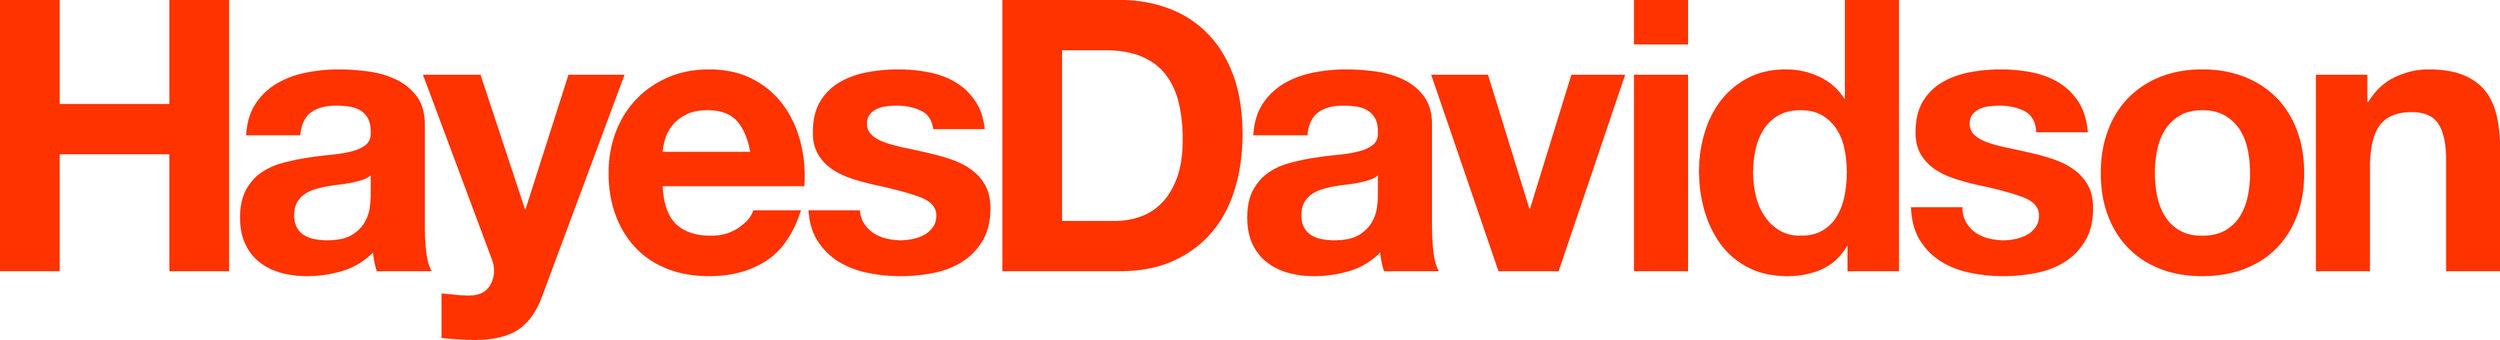 RGB - HD Logo.jpg